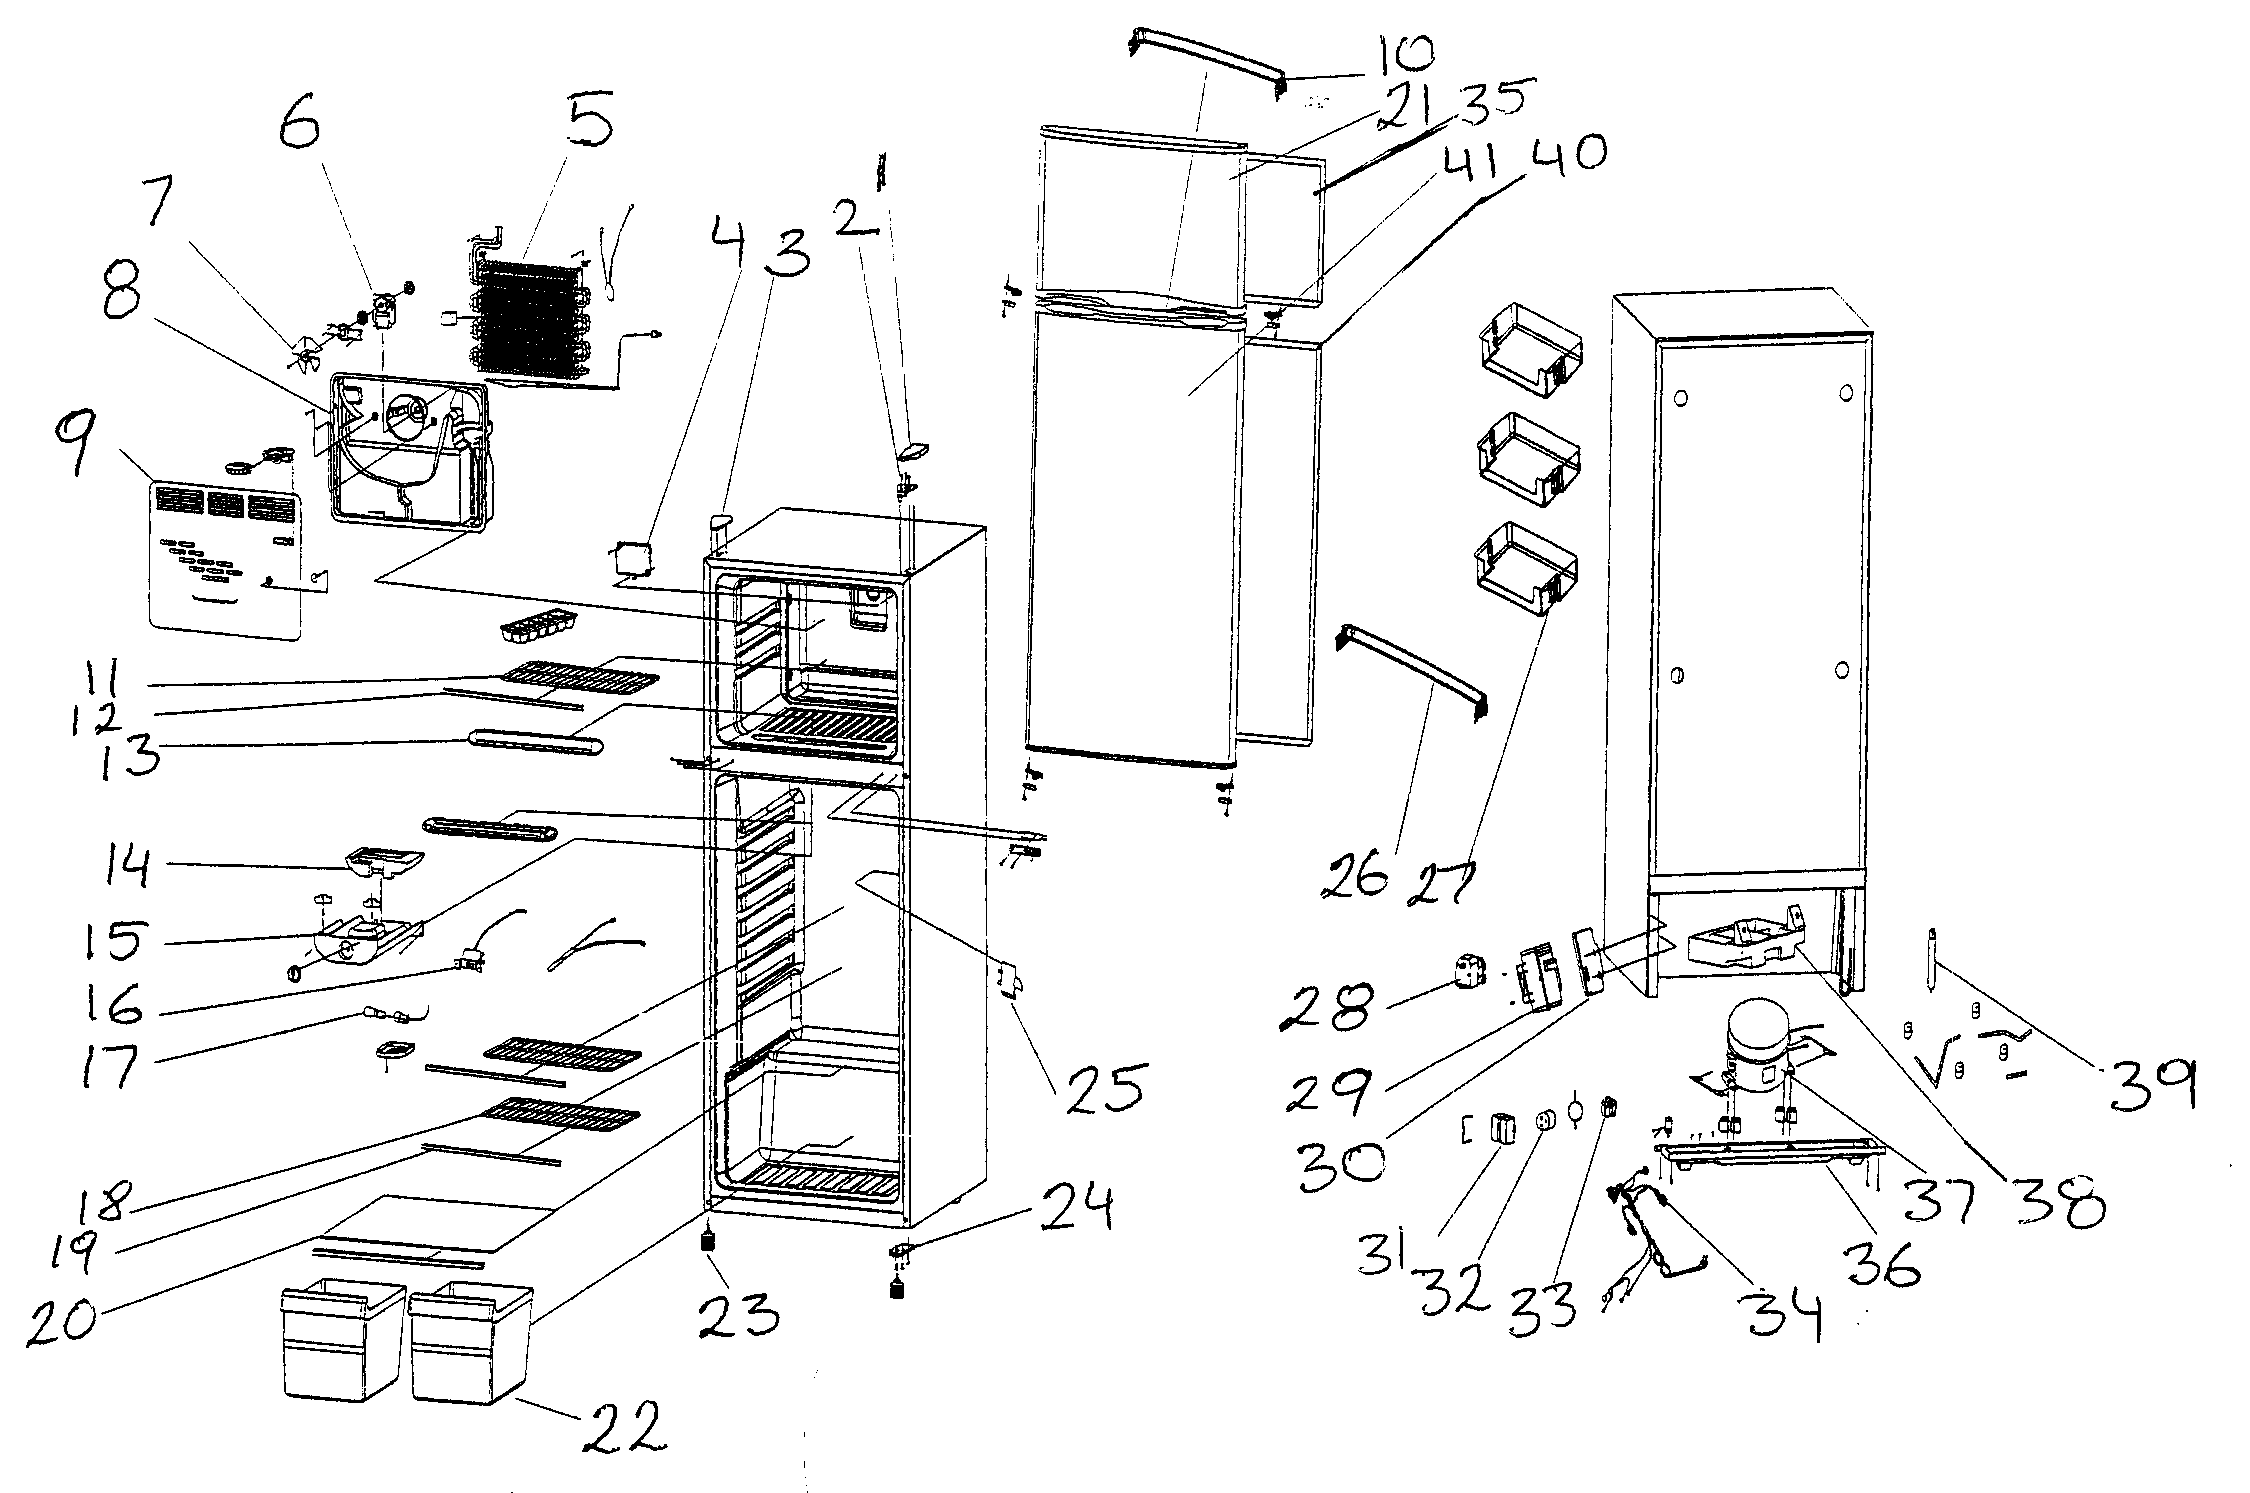 refrigerator diagram parts list for model mcbr1020w magic chef rh pinterest com amana refrigerator parts diagram ge refrigerator parts diagram